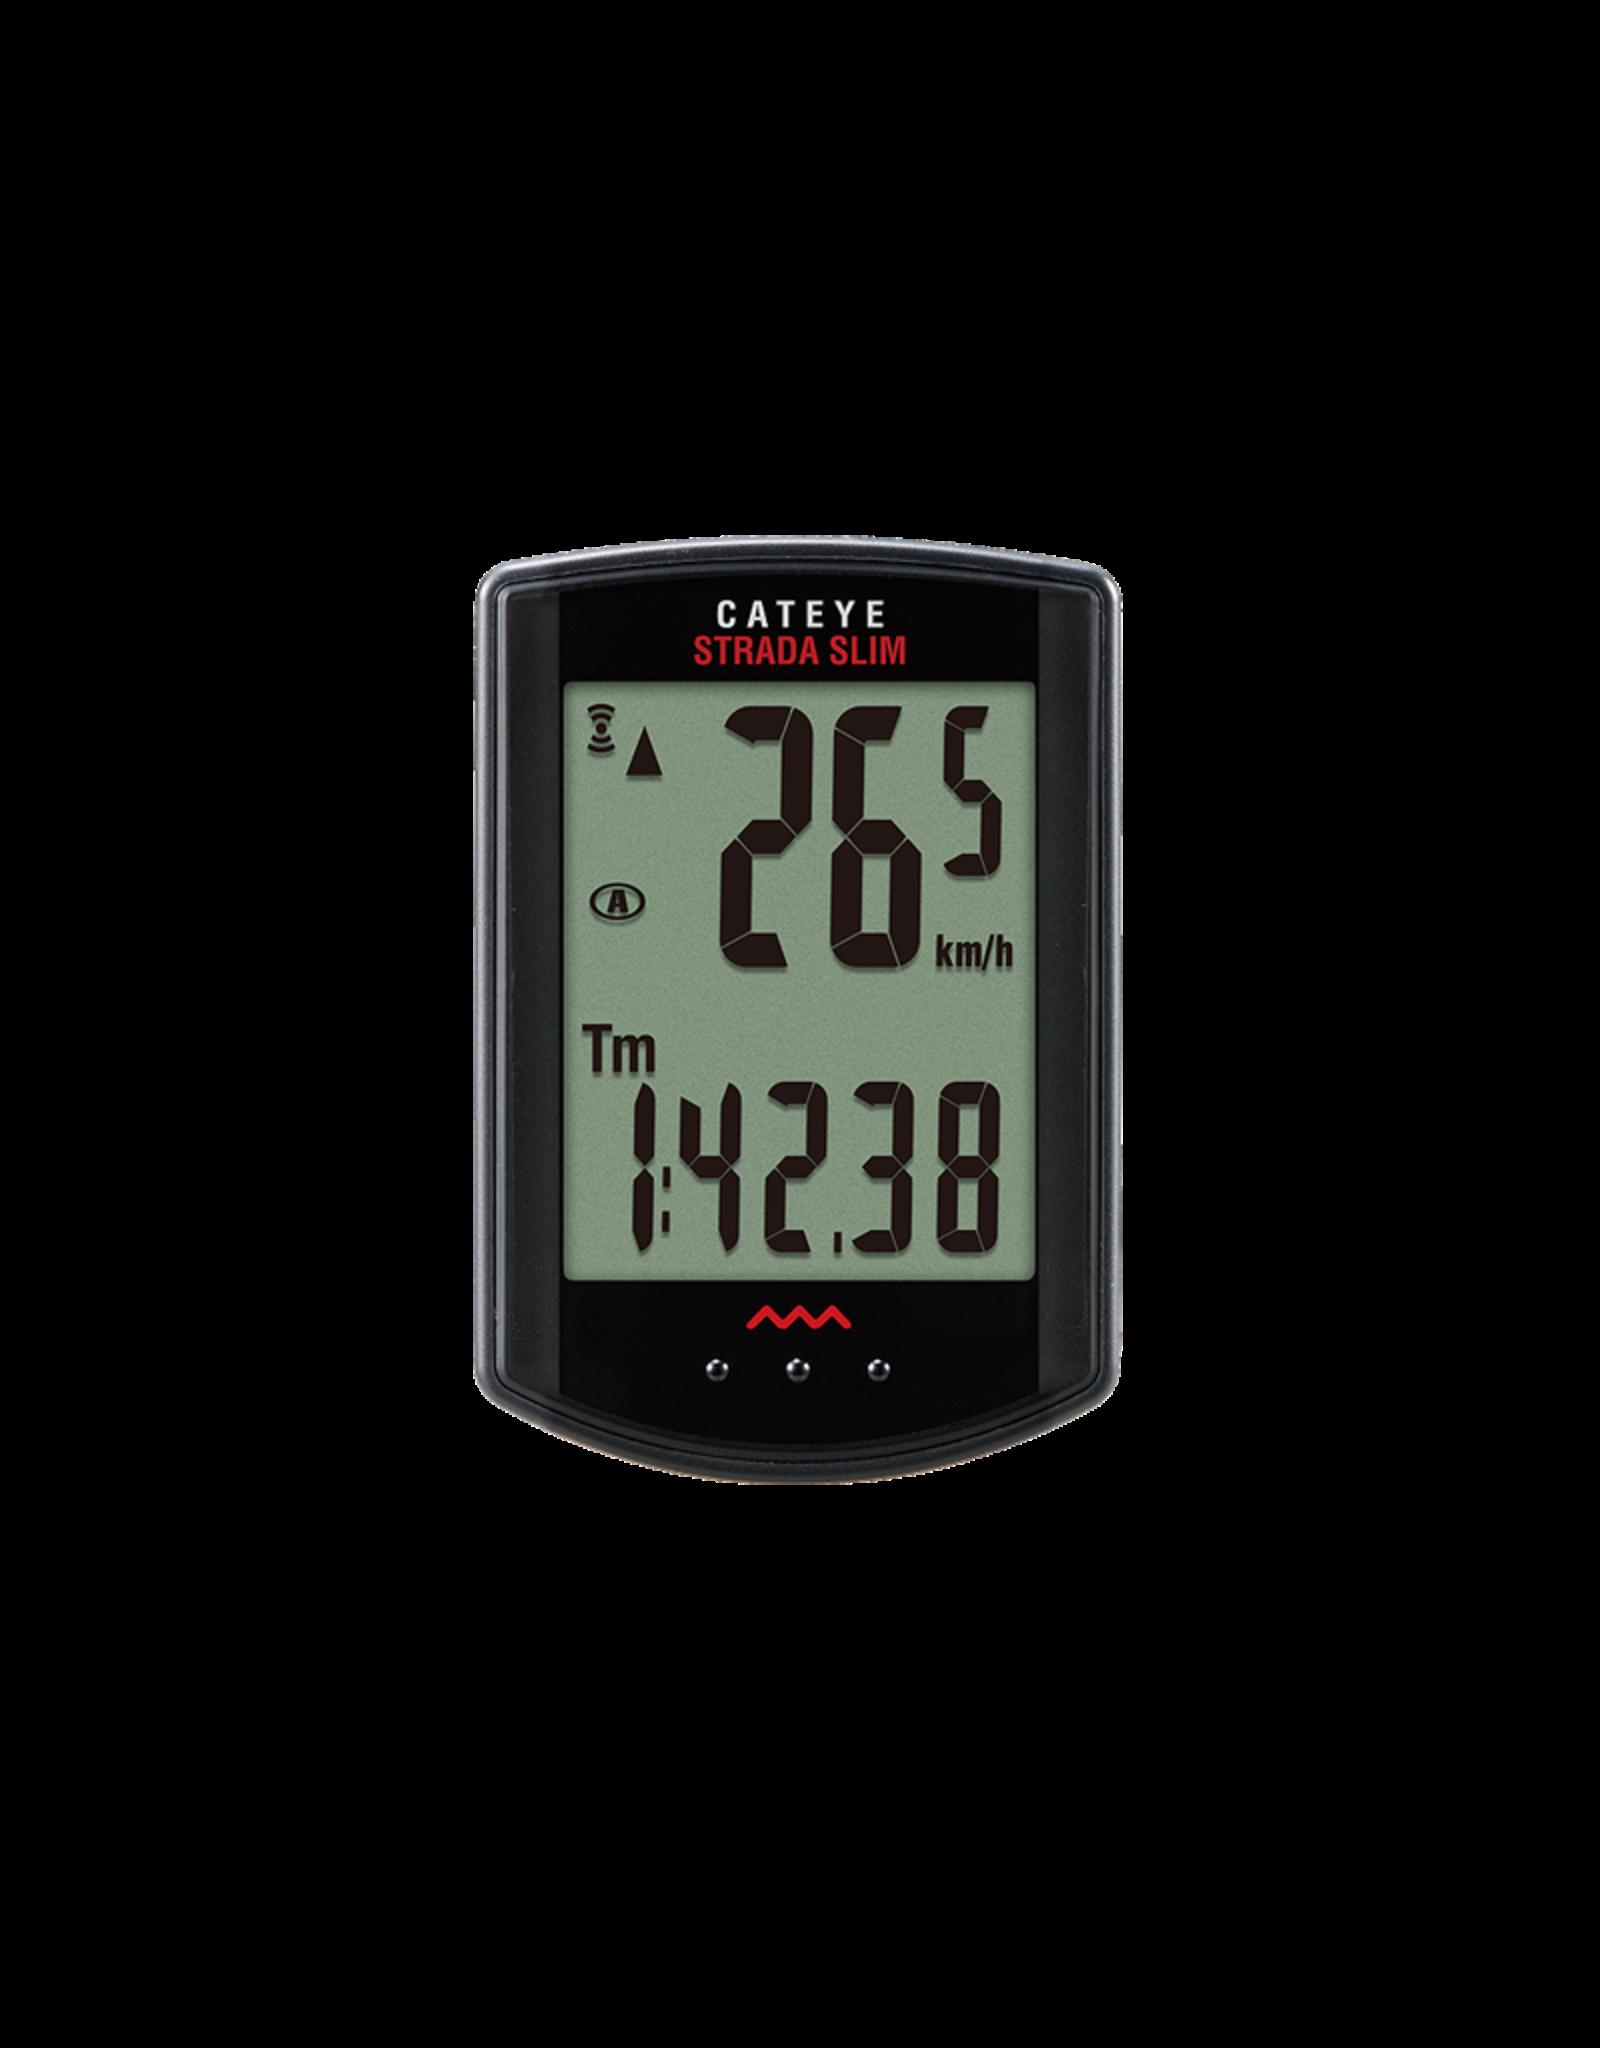 Ordinateur de vélo Cat Eye Strada wireless slim avec capteur numérique